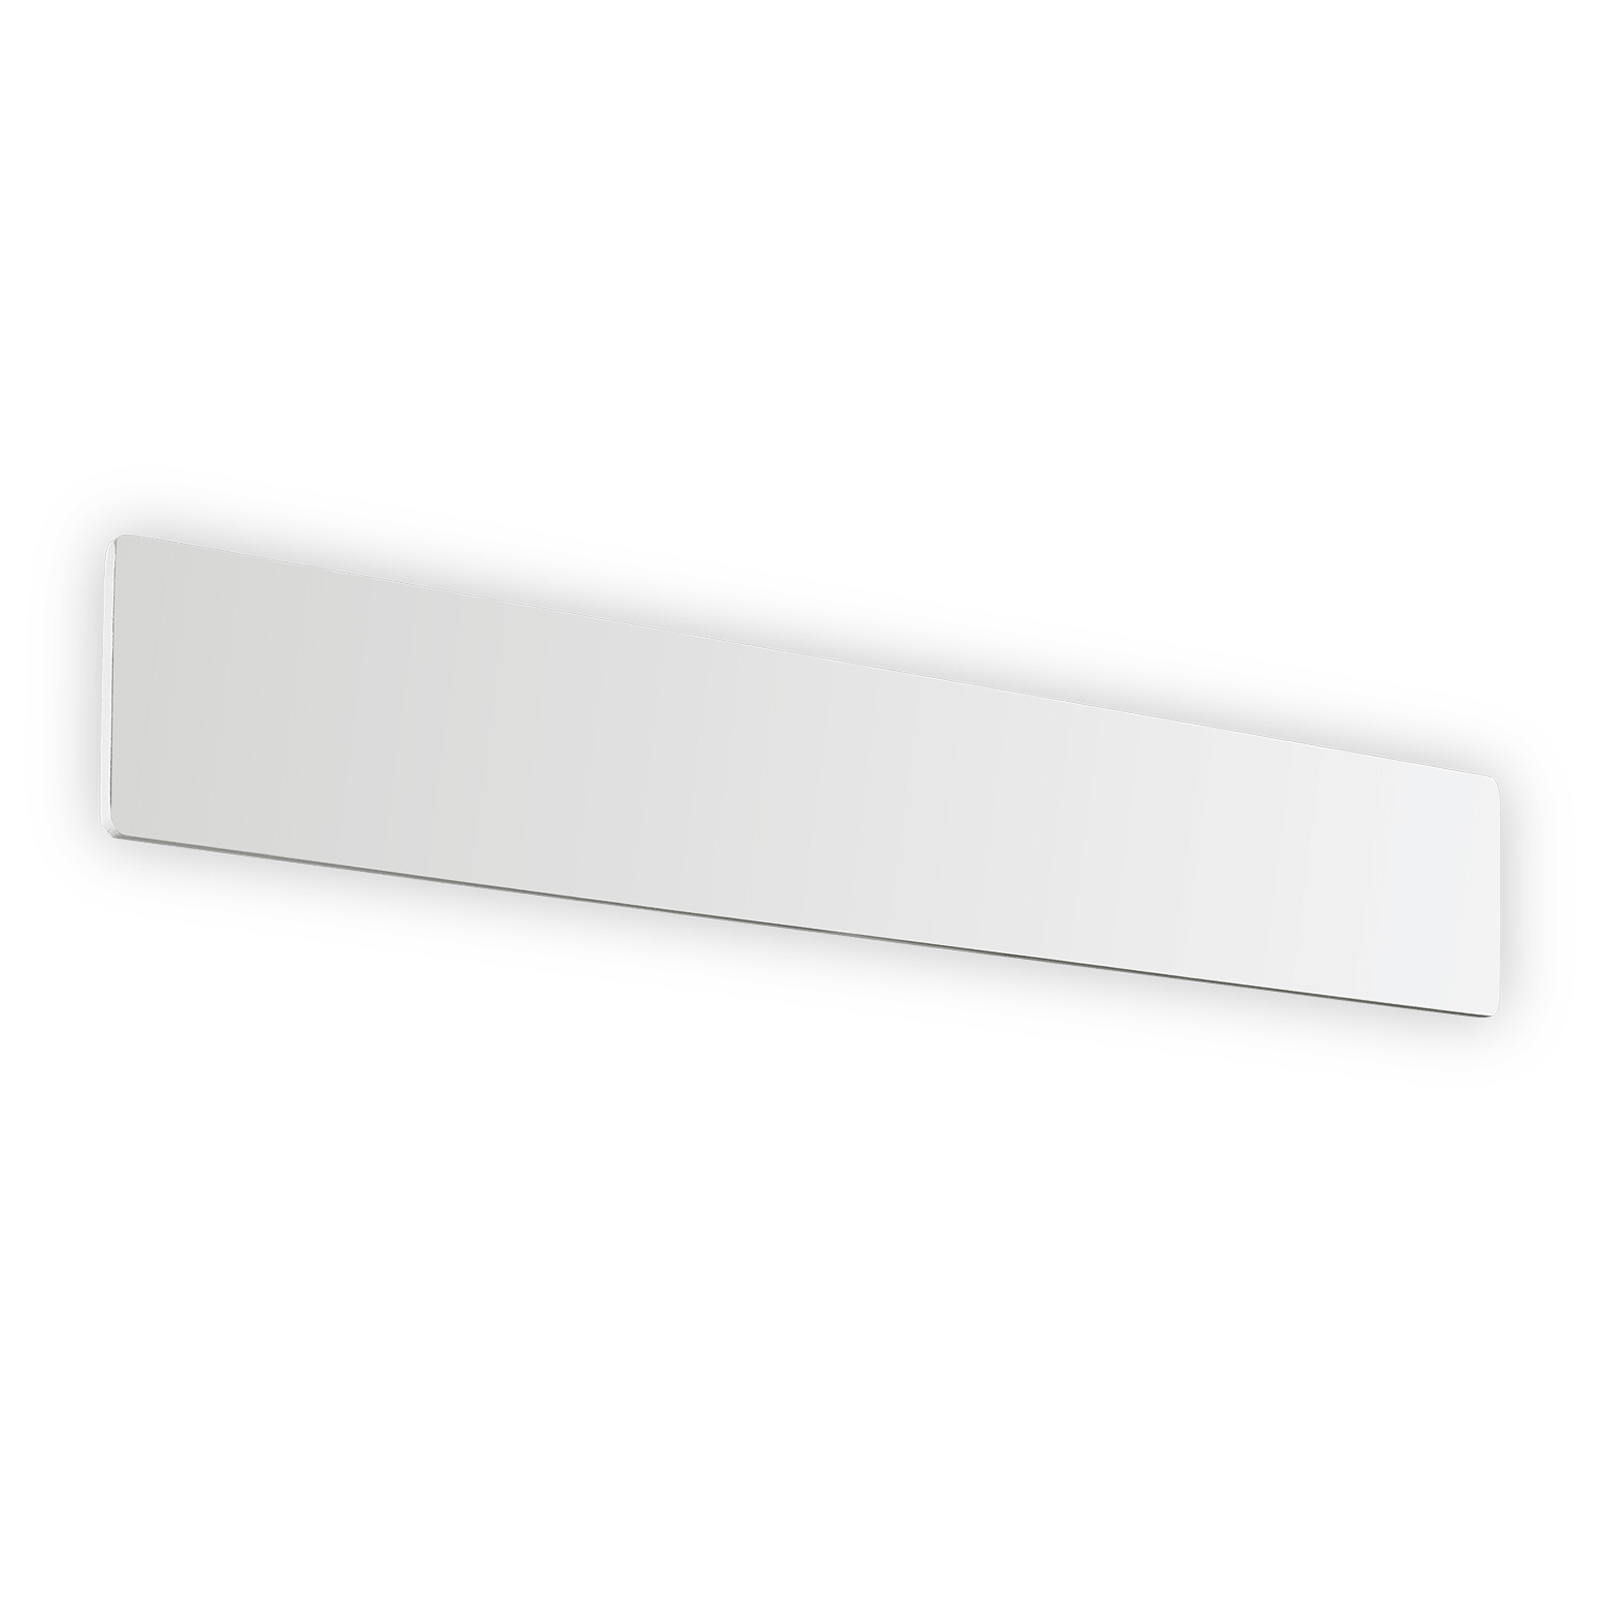 LED-seinävalaisin Zig Zag valkoinen, leveys 53 cm